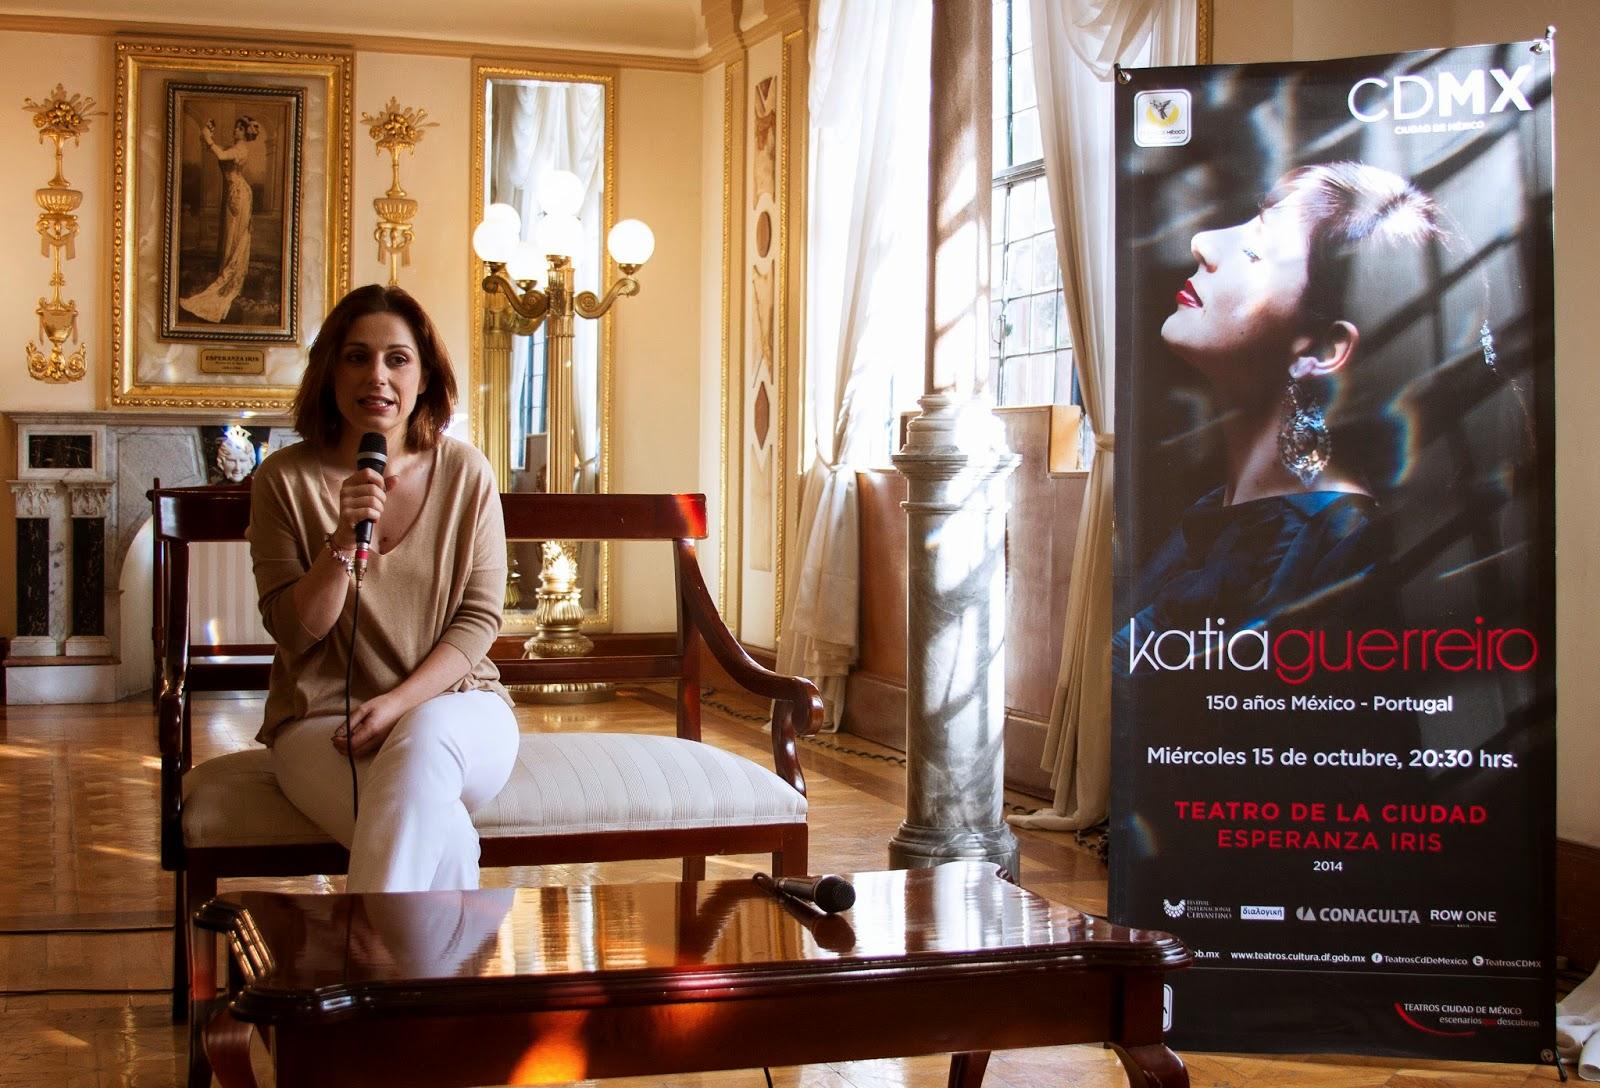 Katia Guerreiro dará concierto en el Teatro de la Ciudad como parte del Cervantino